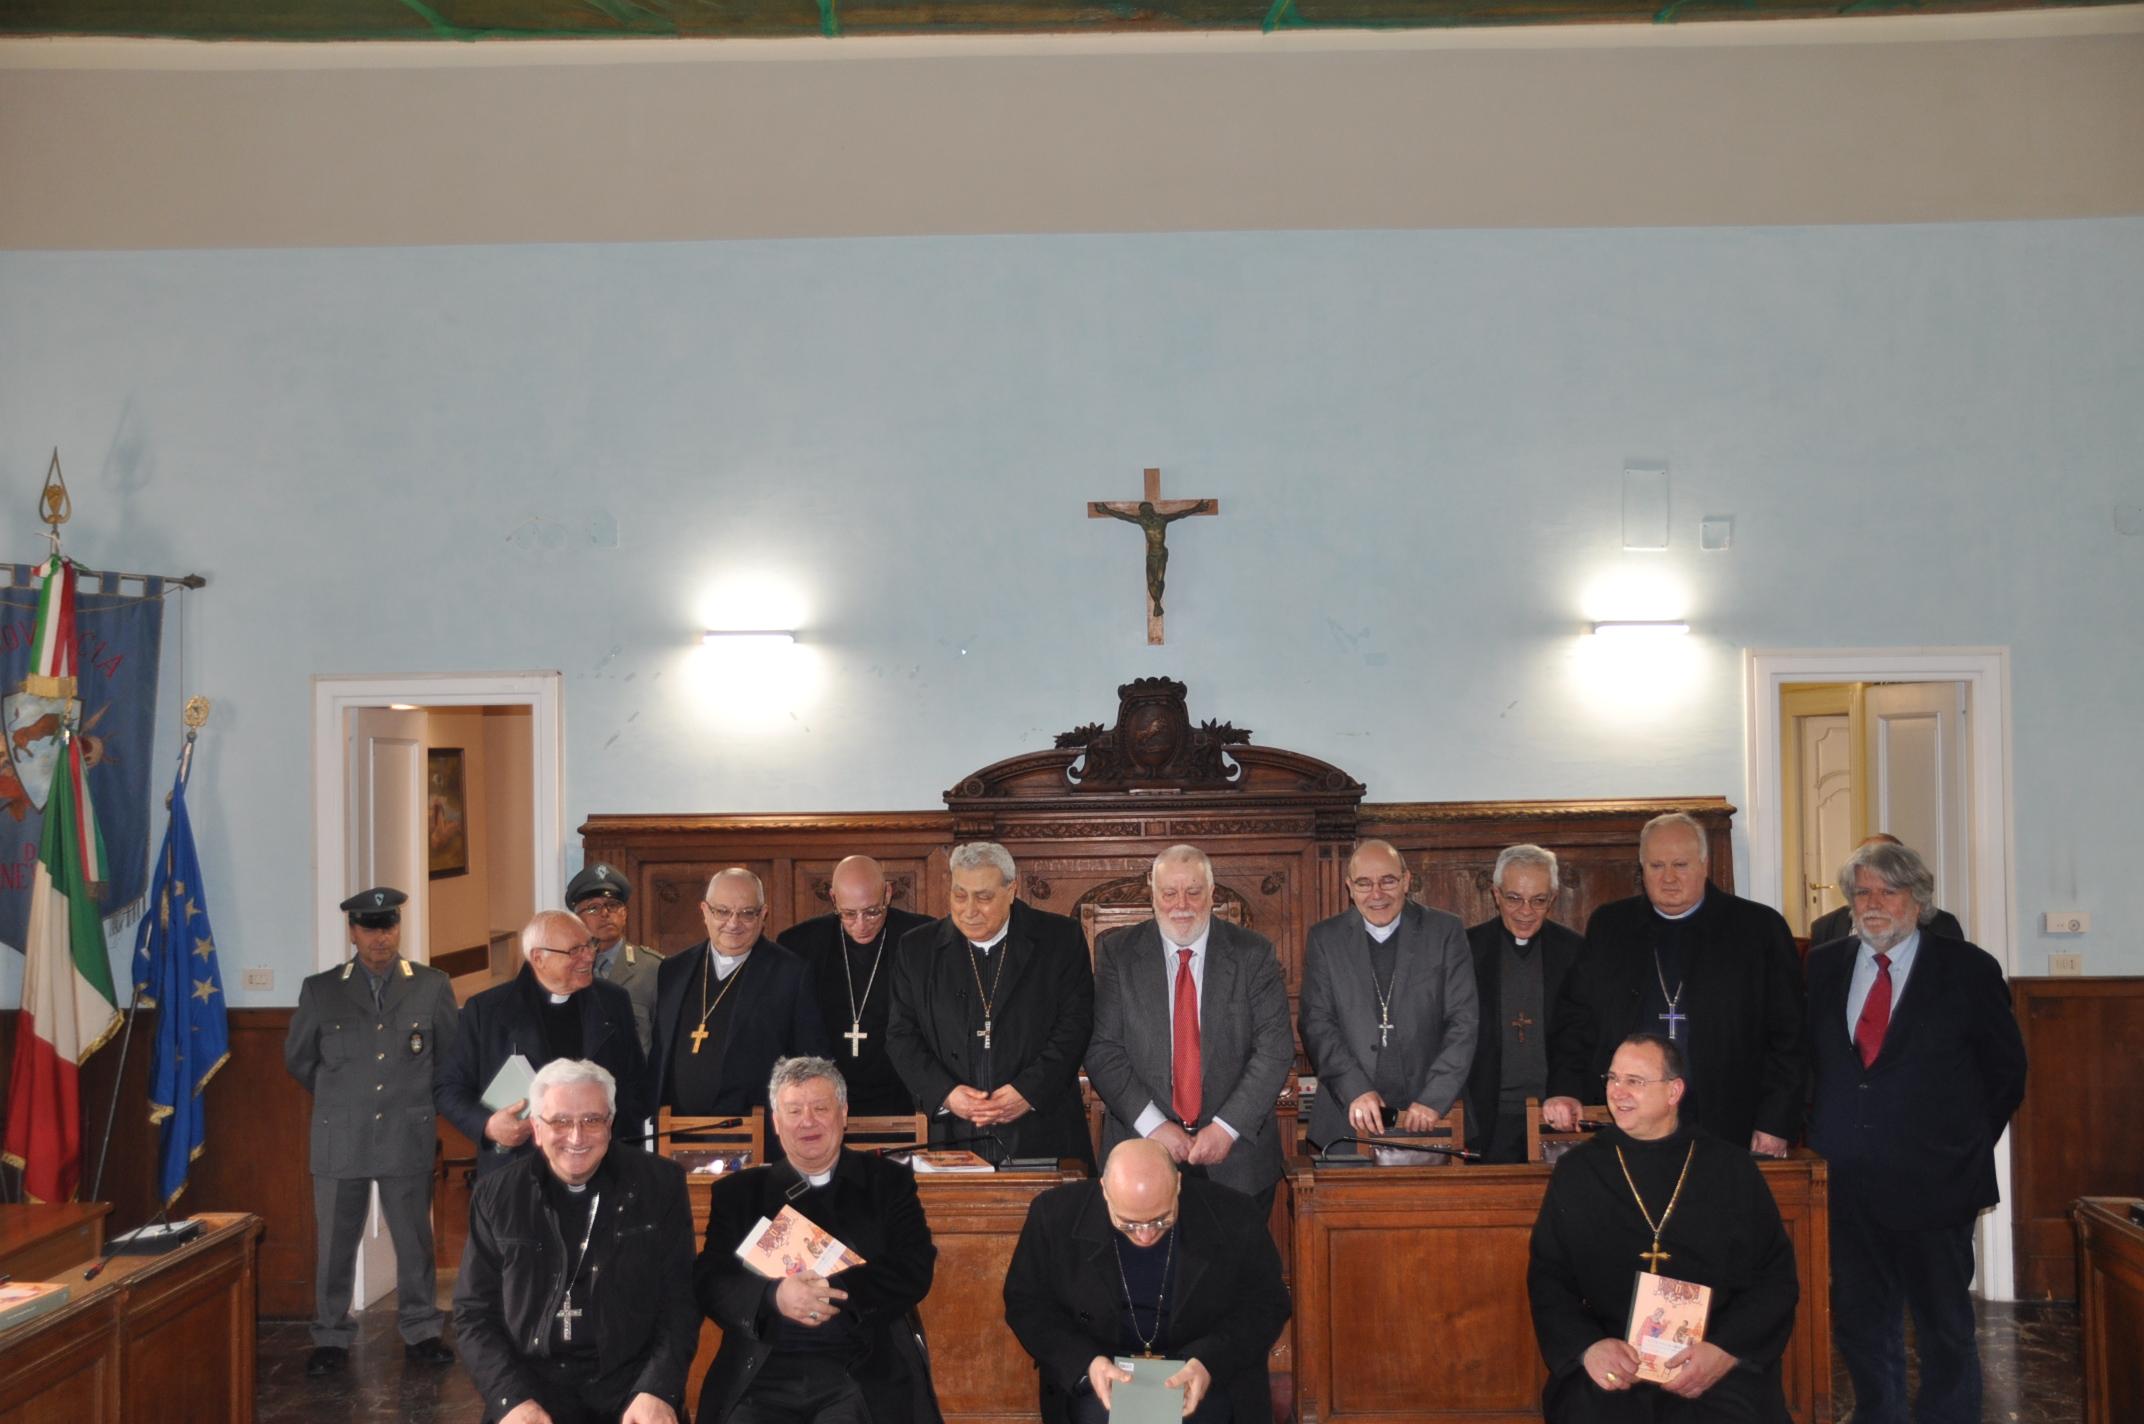 Una delegazione della Conferenza Episcopale della Campania ha visitato la Rocca dei Rettori di Benevento